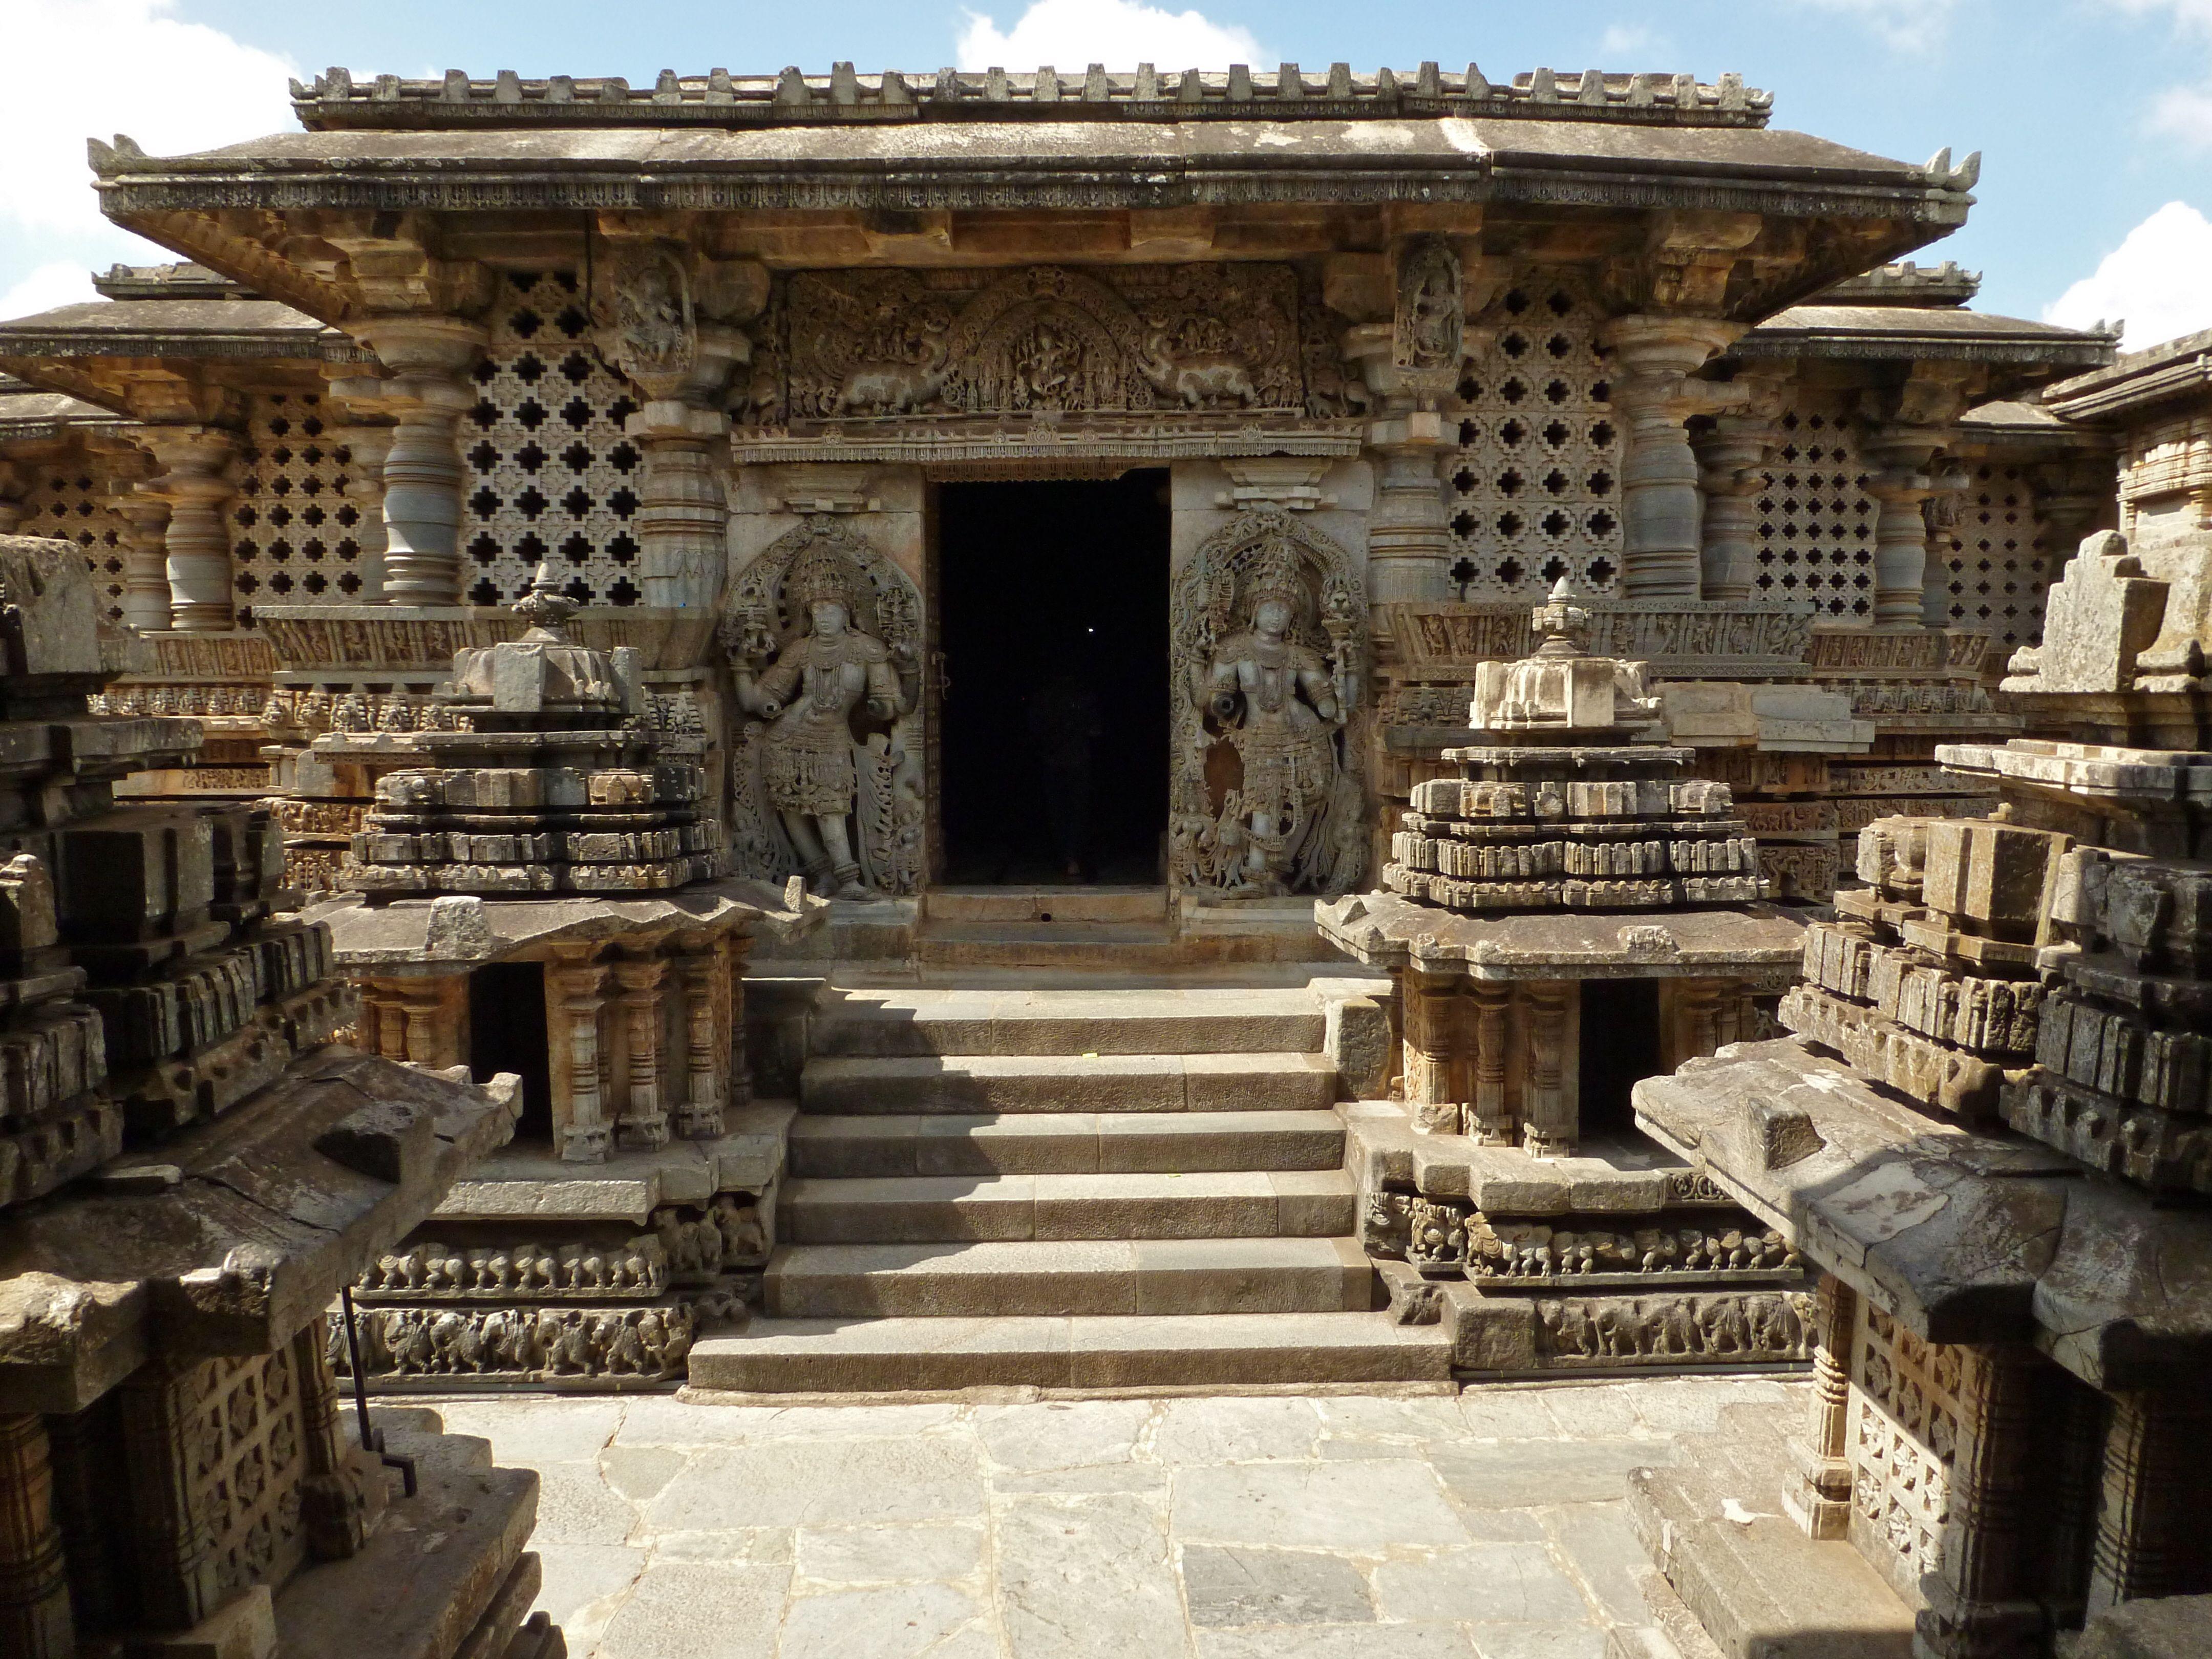 File:Hoysaleshvara temple, Halebid.jpg - Wikimedia Commons